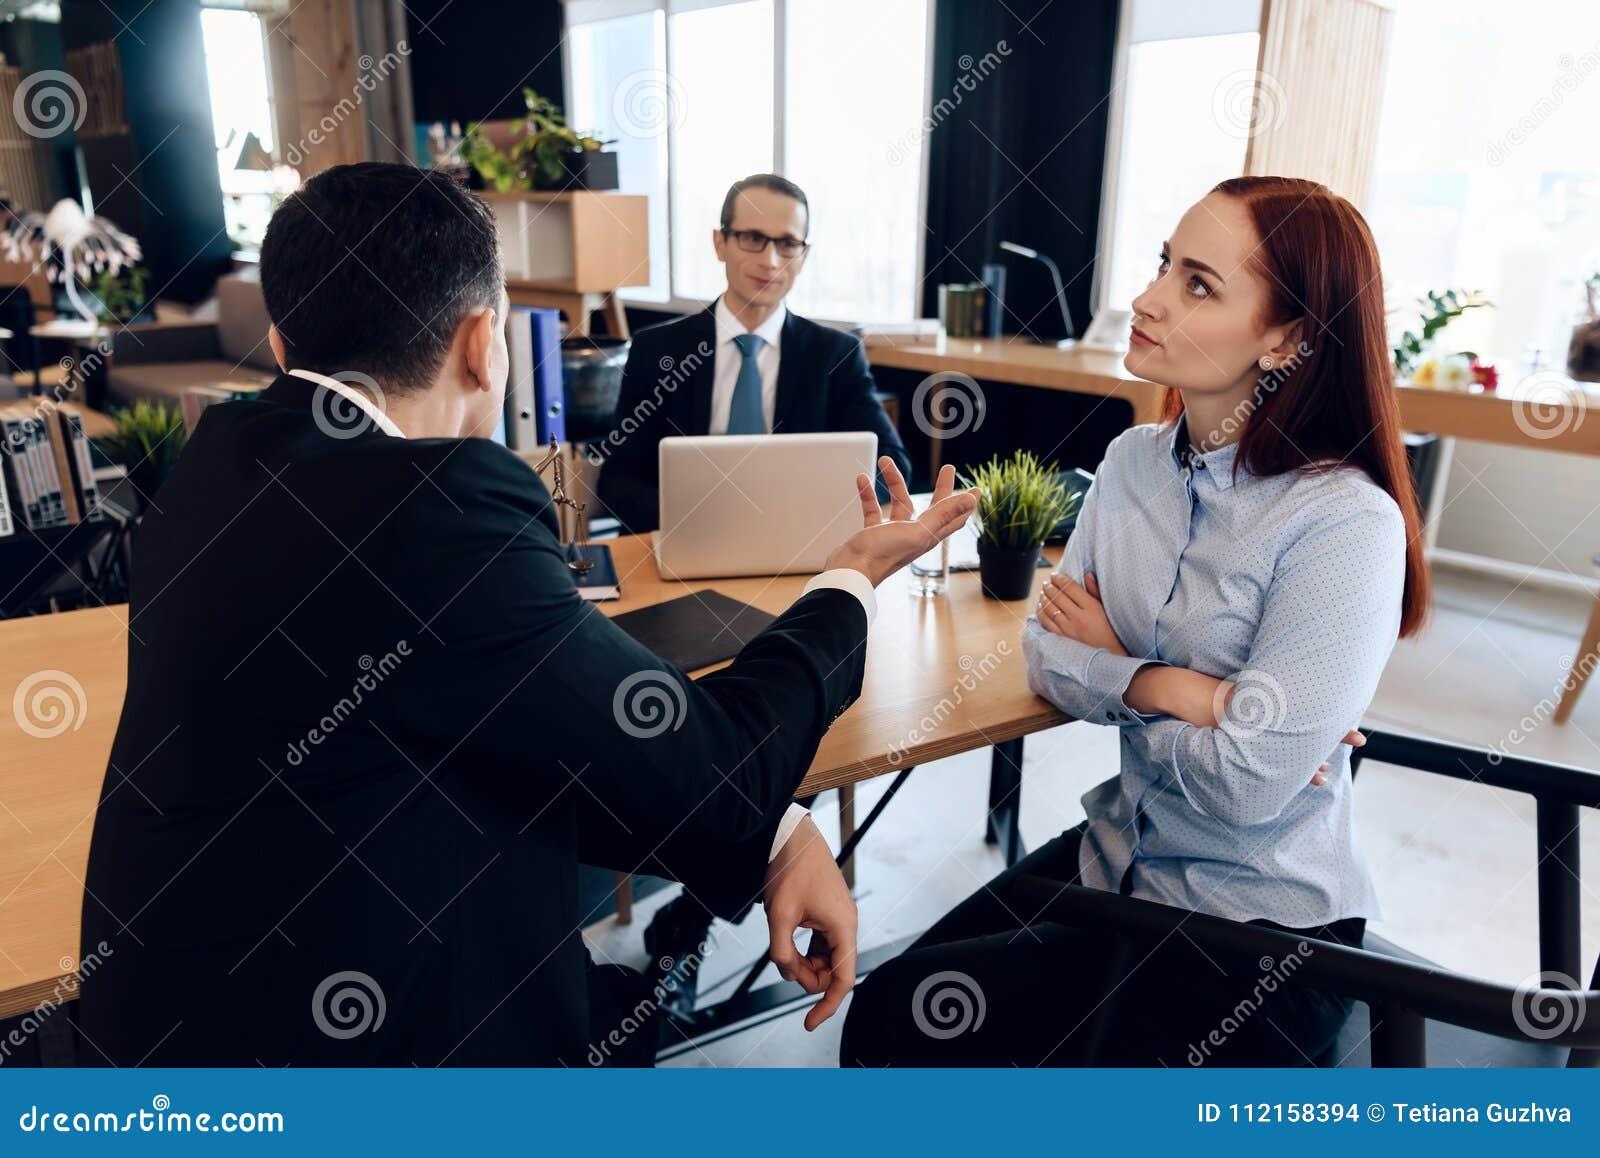 Рыжеволосая, неудовлетворенная женщина, при ее руки сжиманные совместно, слушает к человеку в костюме в офисе ` s юриста